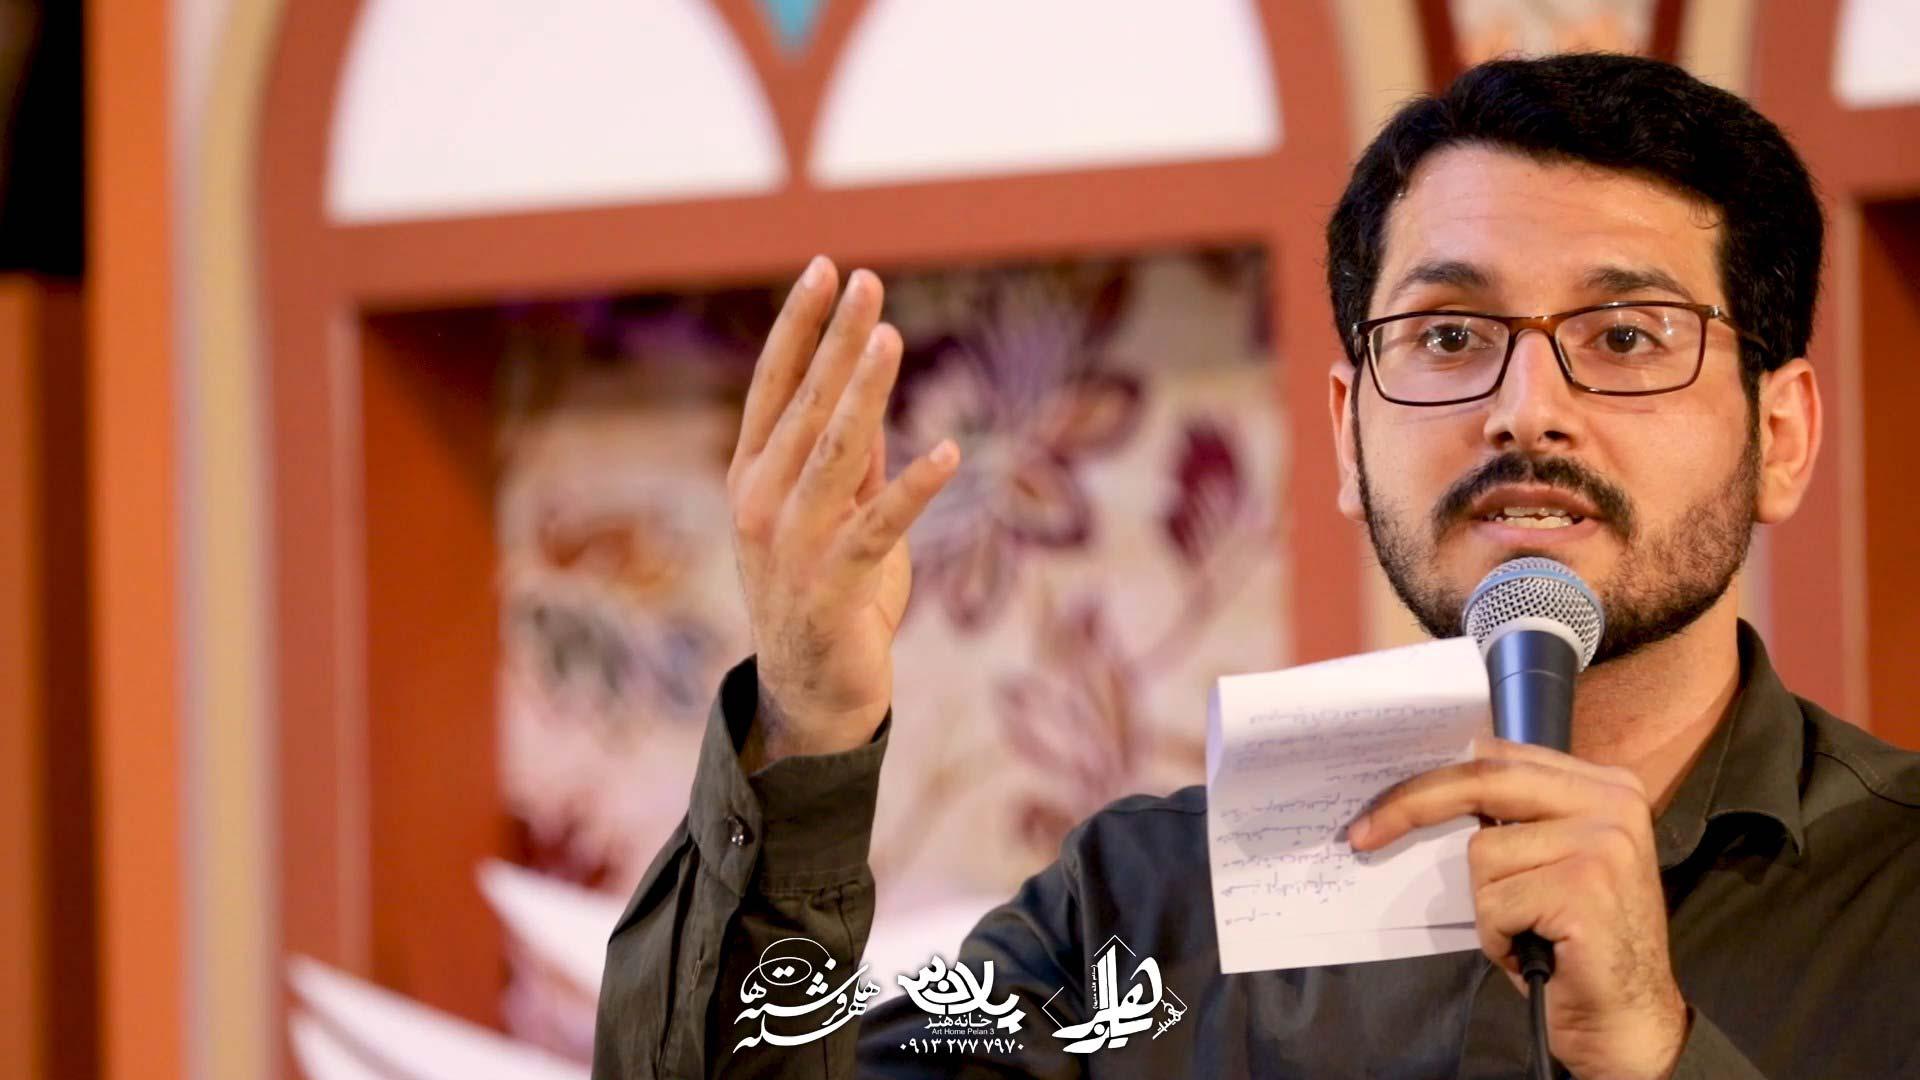 قشنگترین اتفاق دنیا علی اکبر حائری